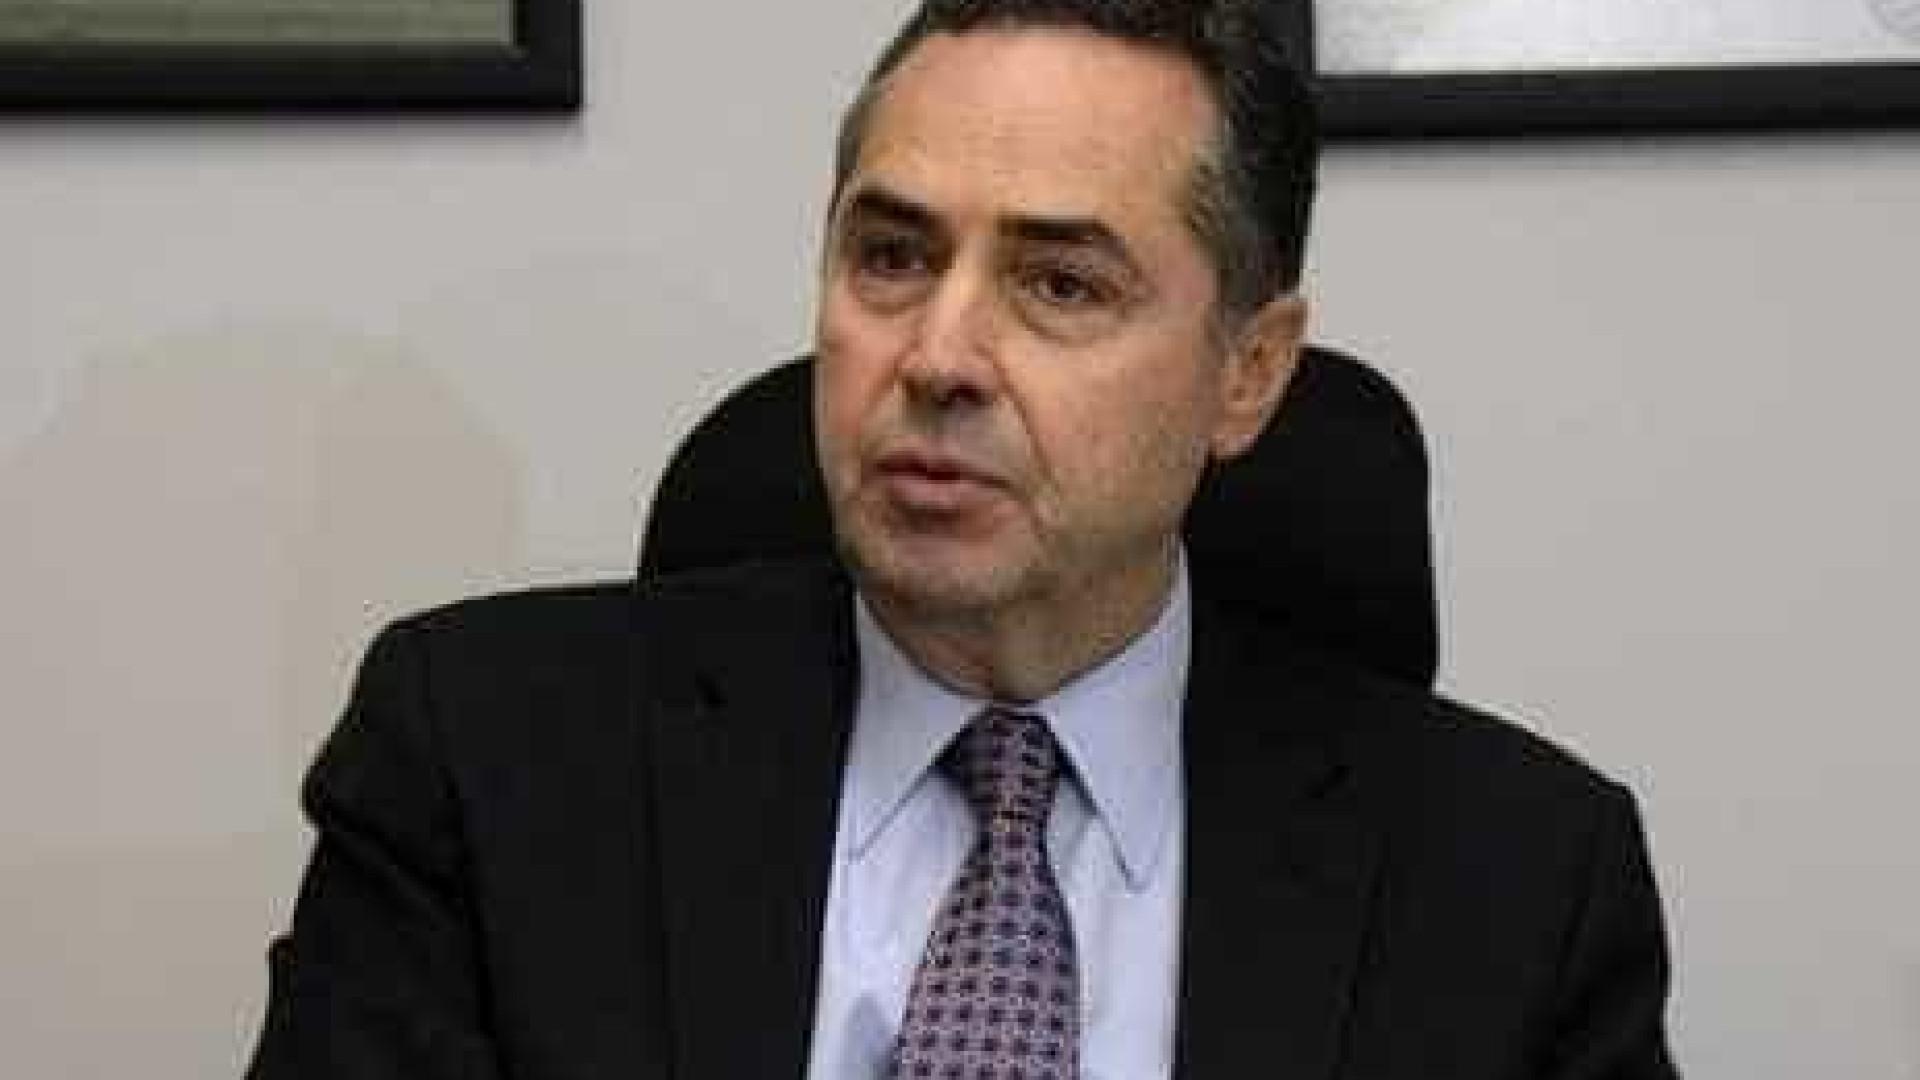 Barroso justifica buscas contra líder do governo: 'indícios de crimes'